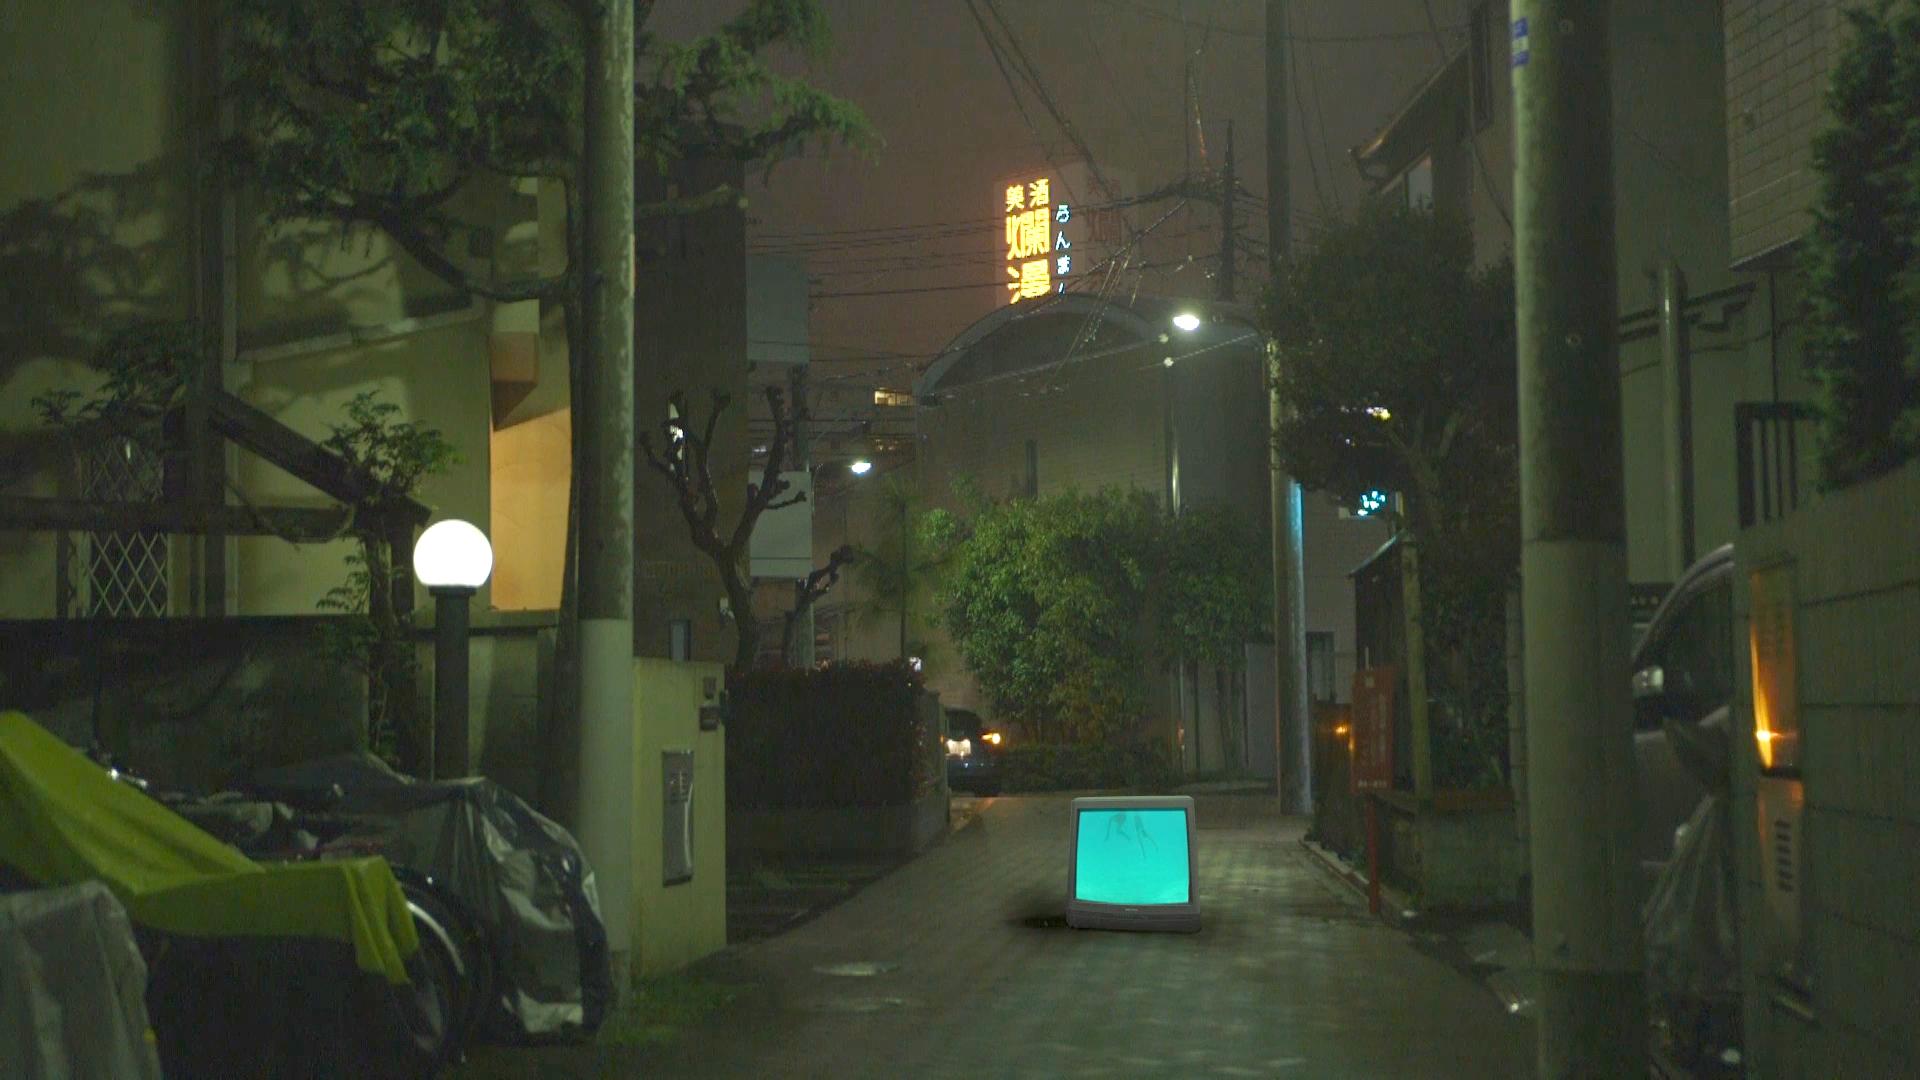 Video still from Phantasm Series